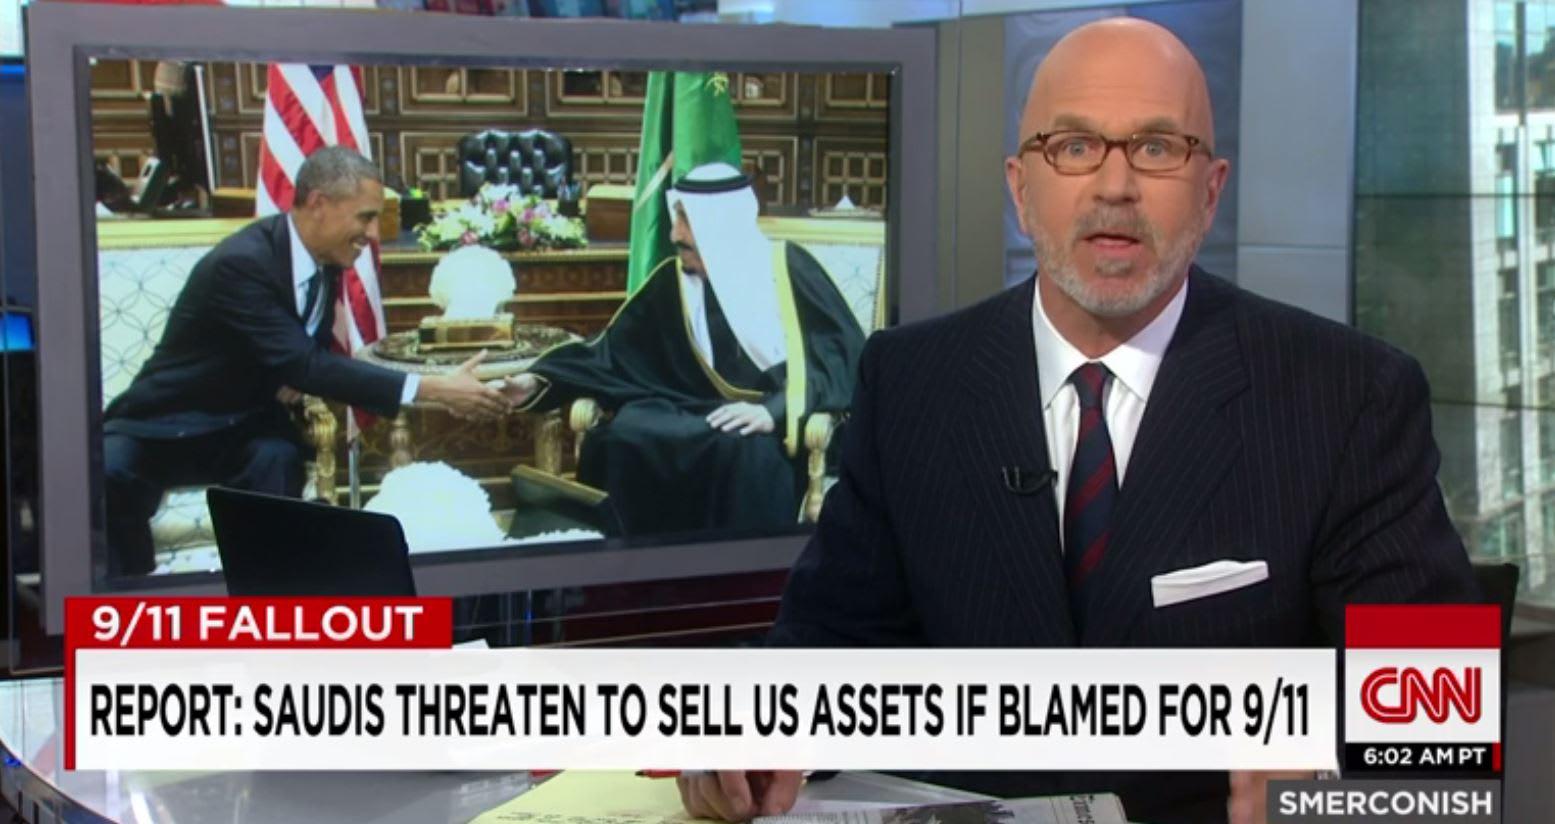 مُؤسسة منظمة دعم ضحايا 9/11 لـCNN:  السعودية تهددنا بالانسحاب من حرب داعش.. هل يمكنها فعلا التحكم بواشنطن؟